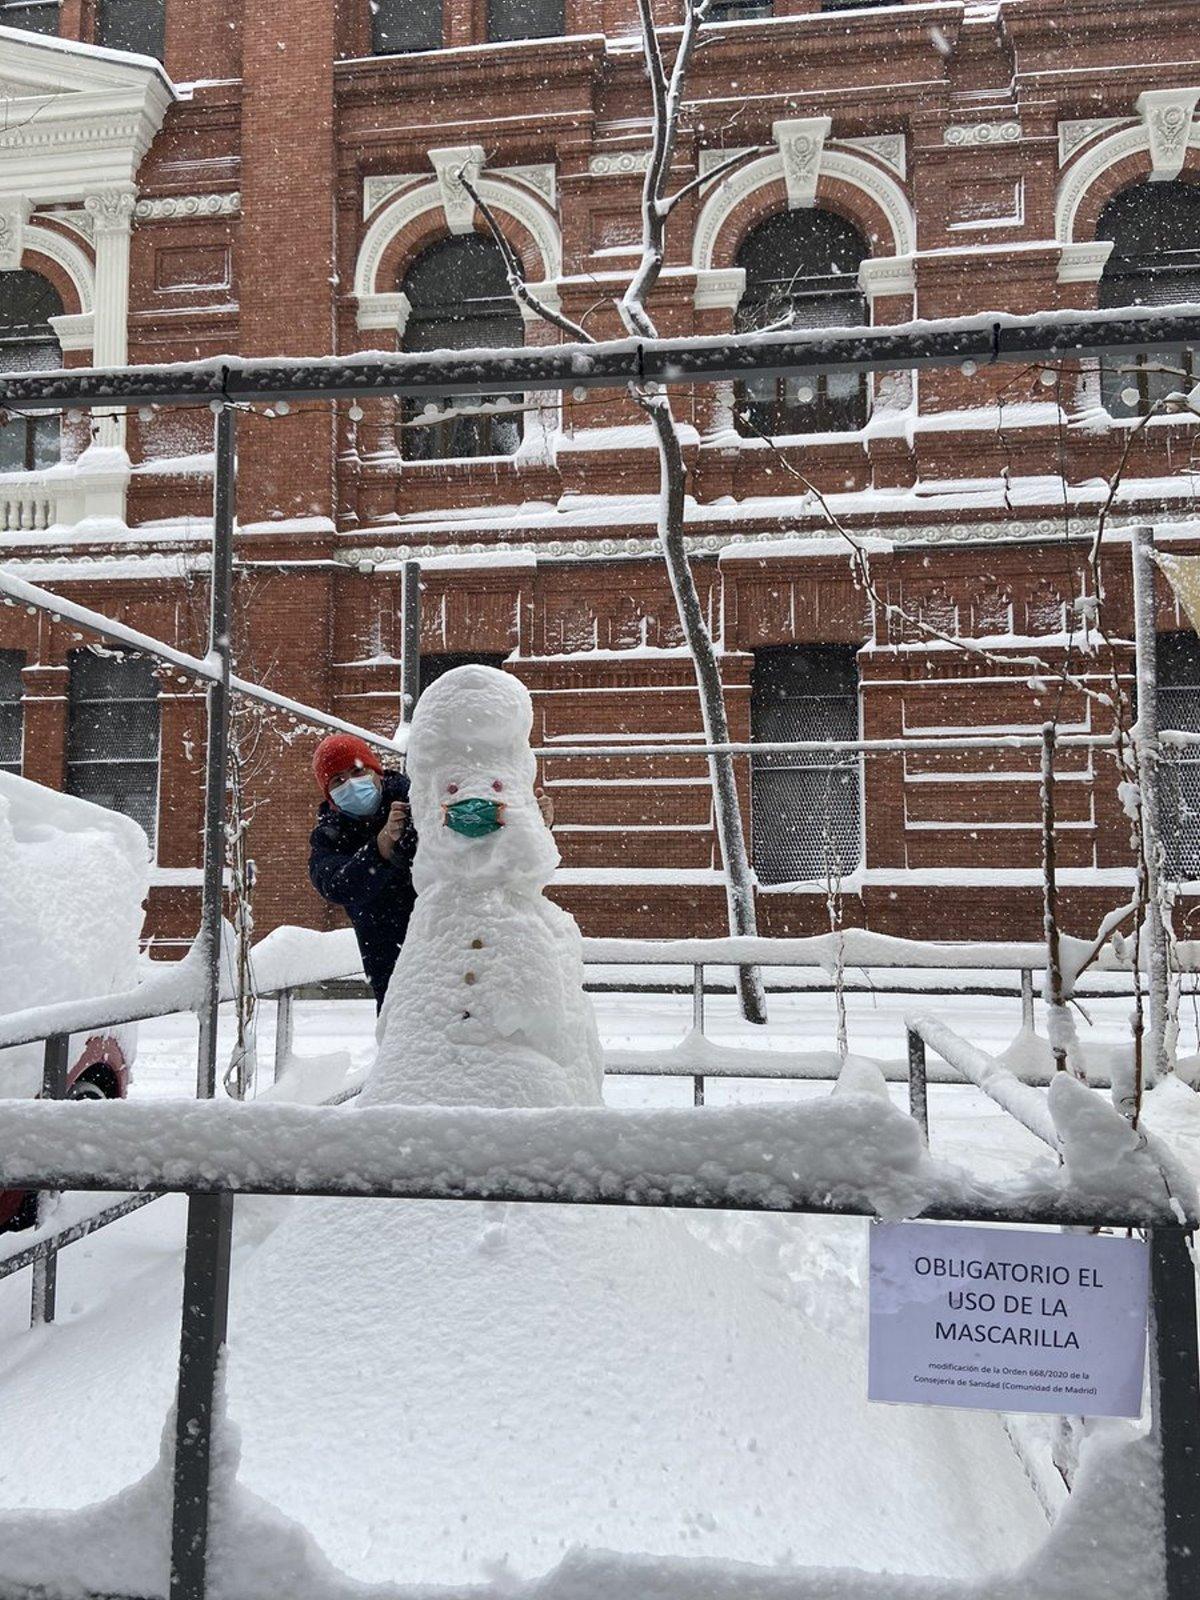 Χιονισμένη Μαδρίτη και ασταμάτητη χιονόπτωση